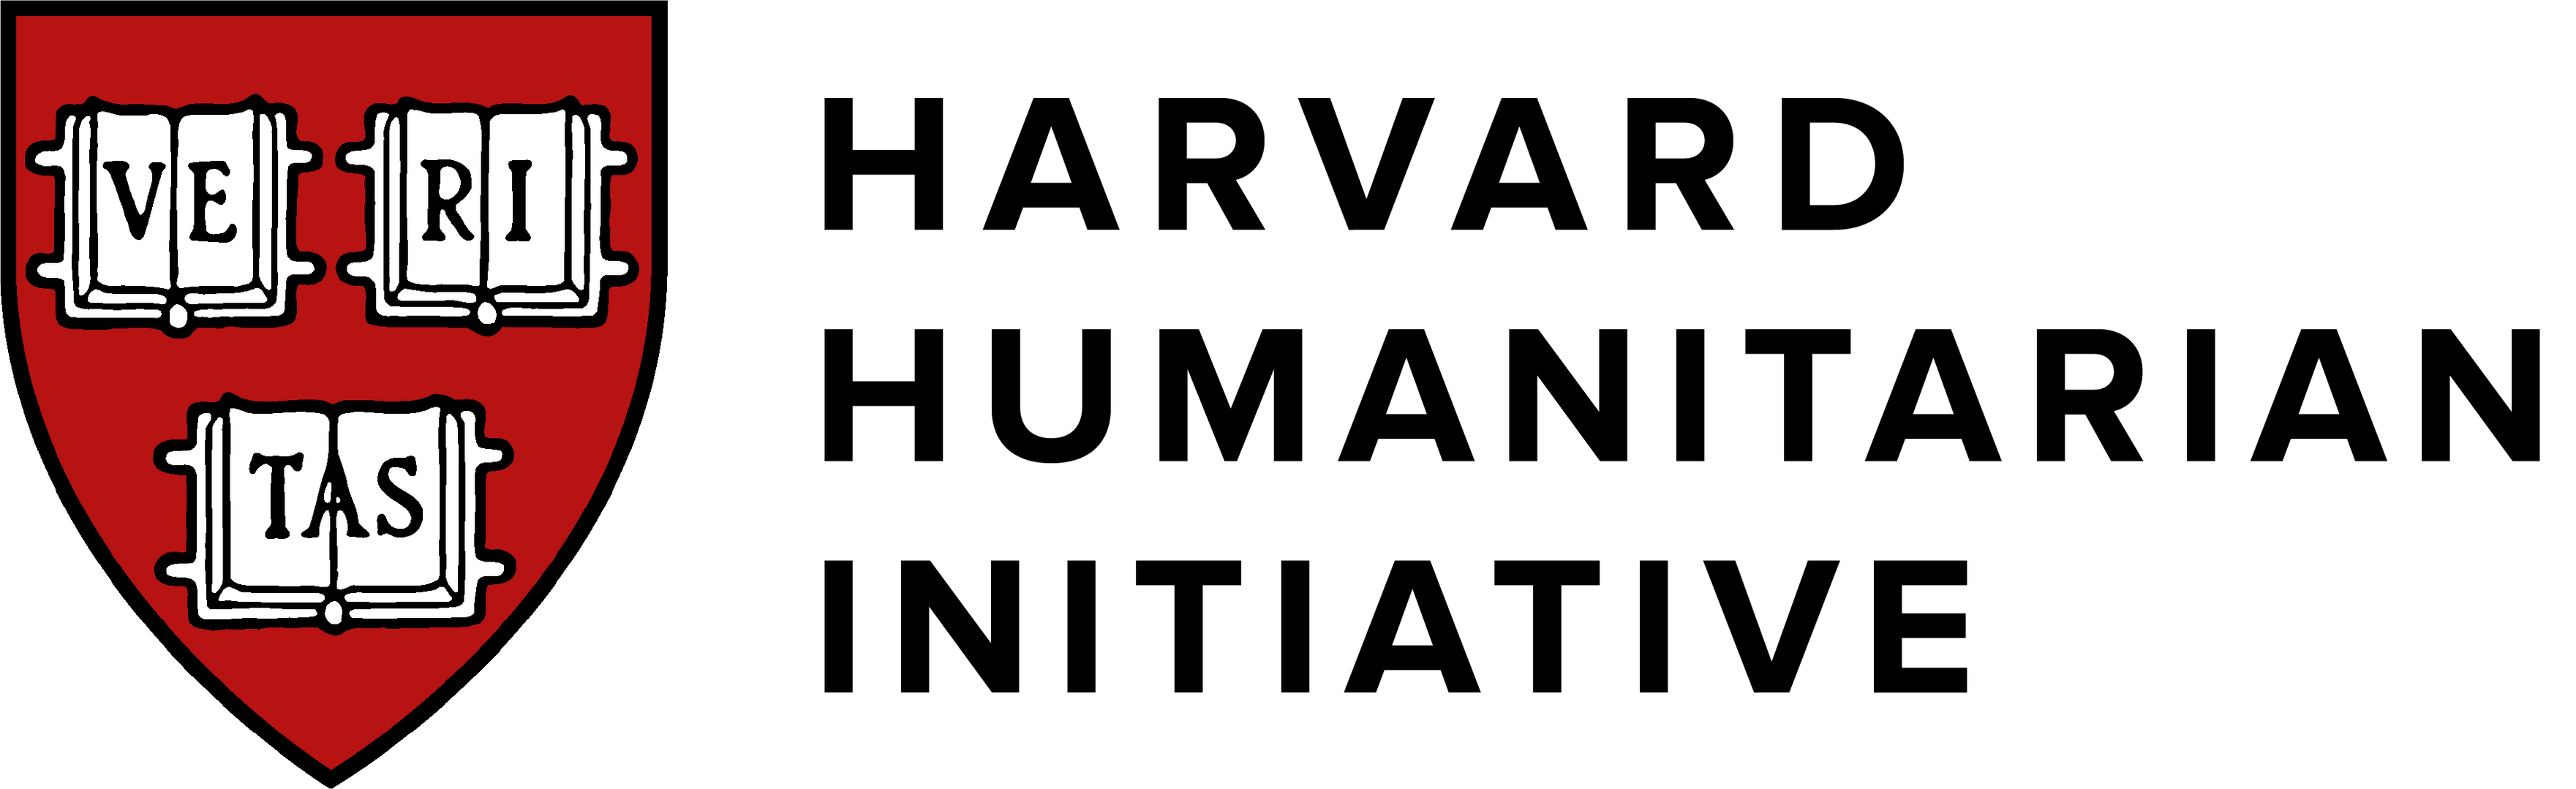 hhi_logo_proxima_nova.png